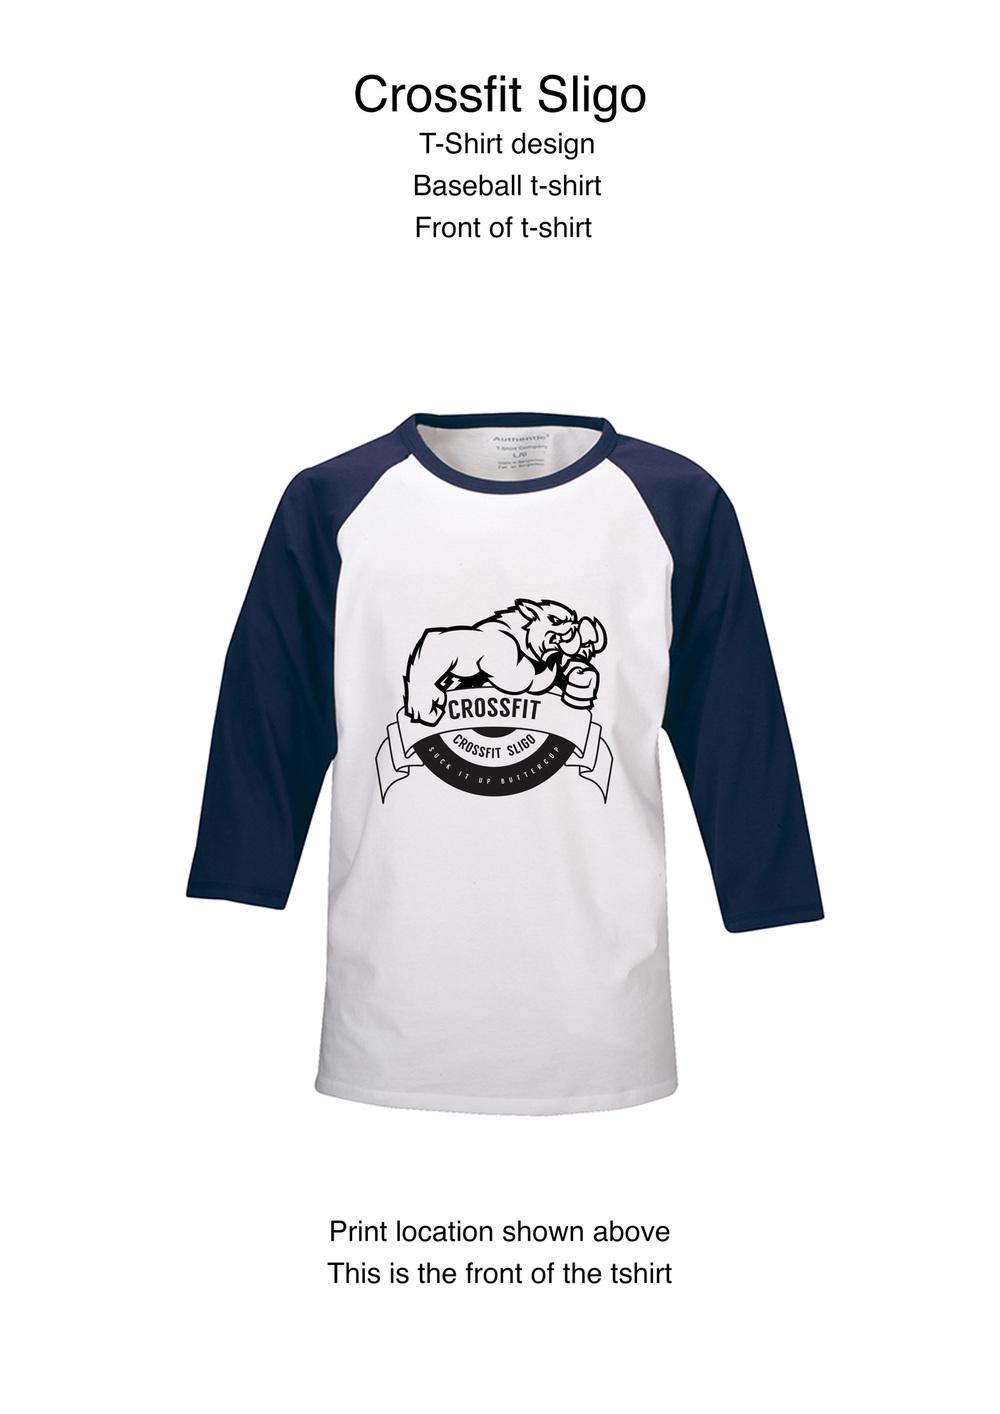 Baseball-tshirt-print-location.jpg